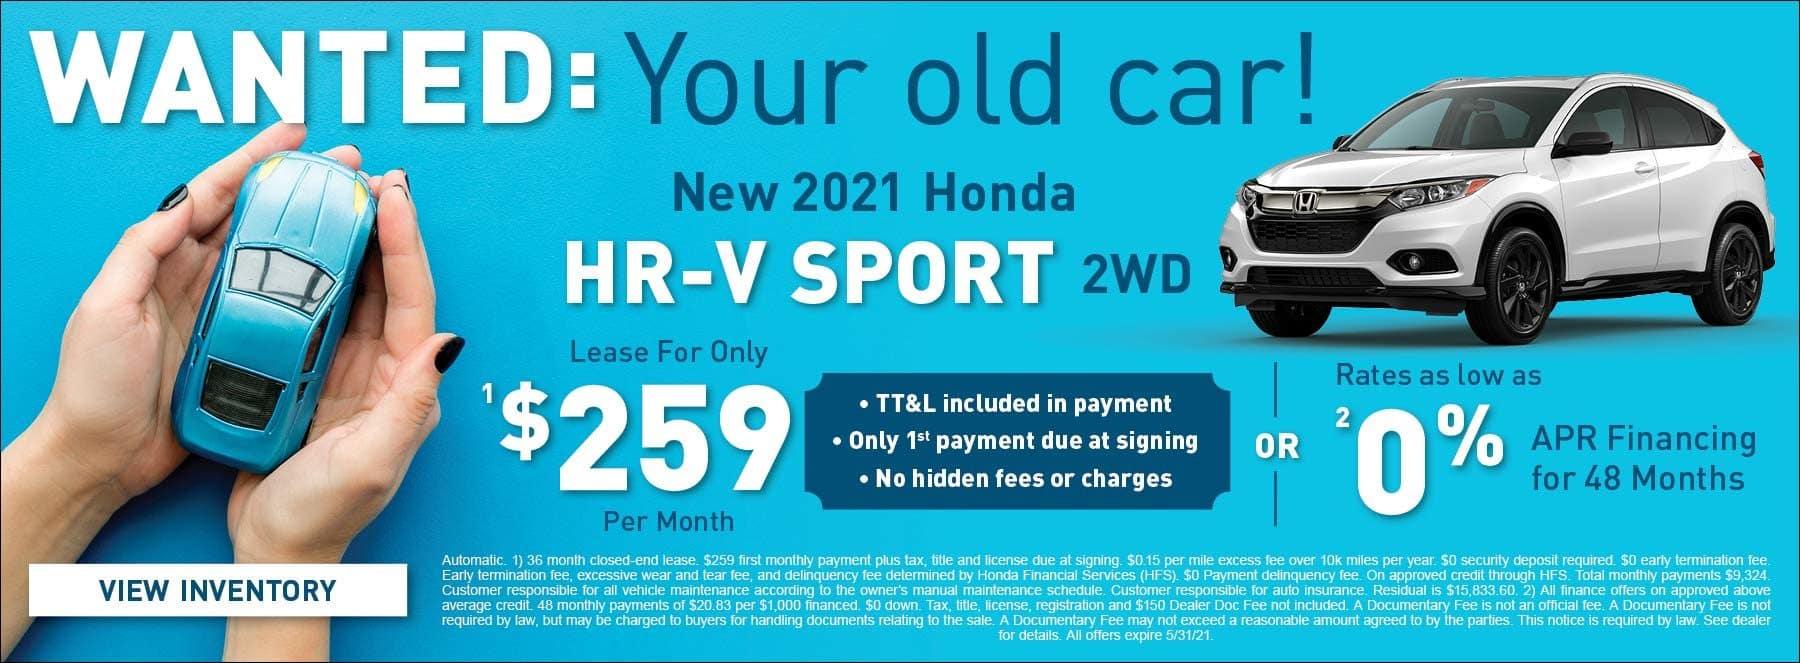 New 2021 Honda HR-V Sport 2WD